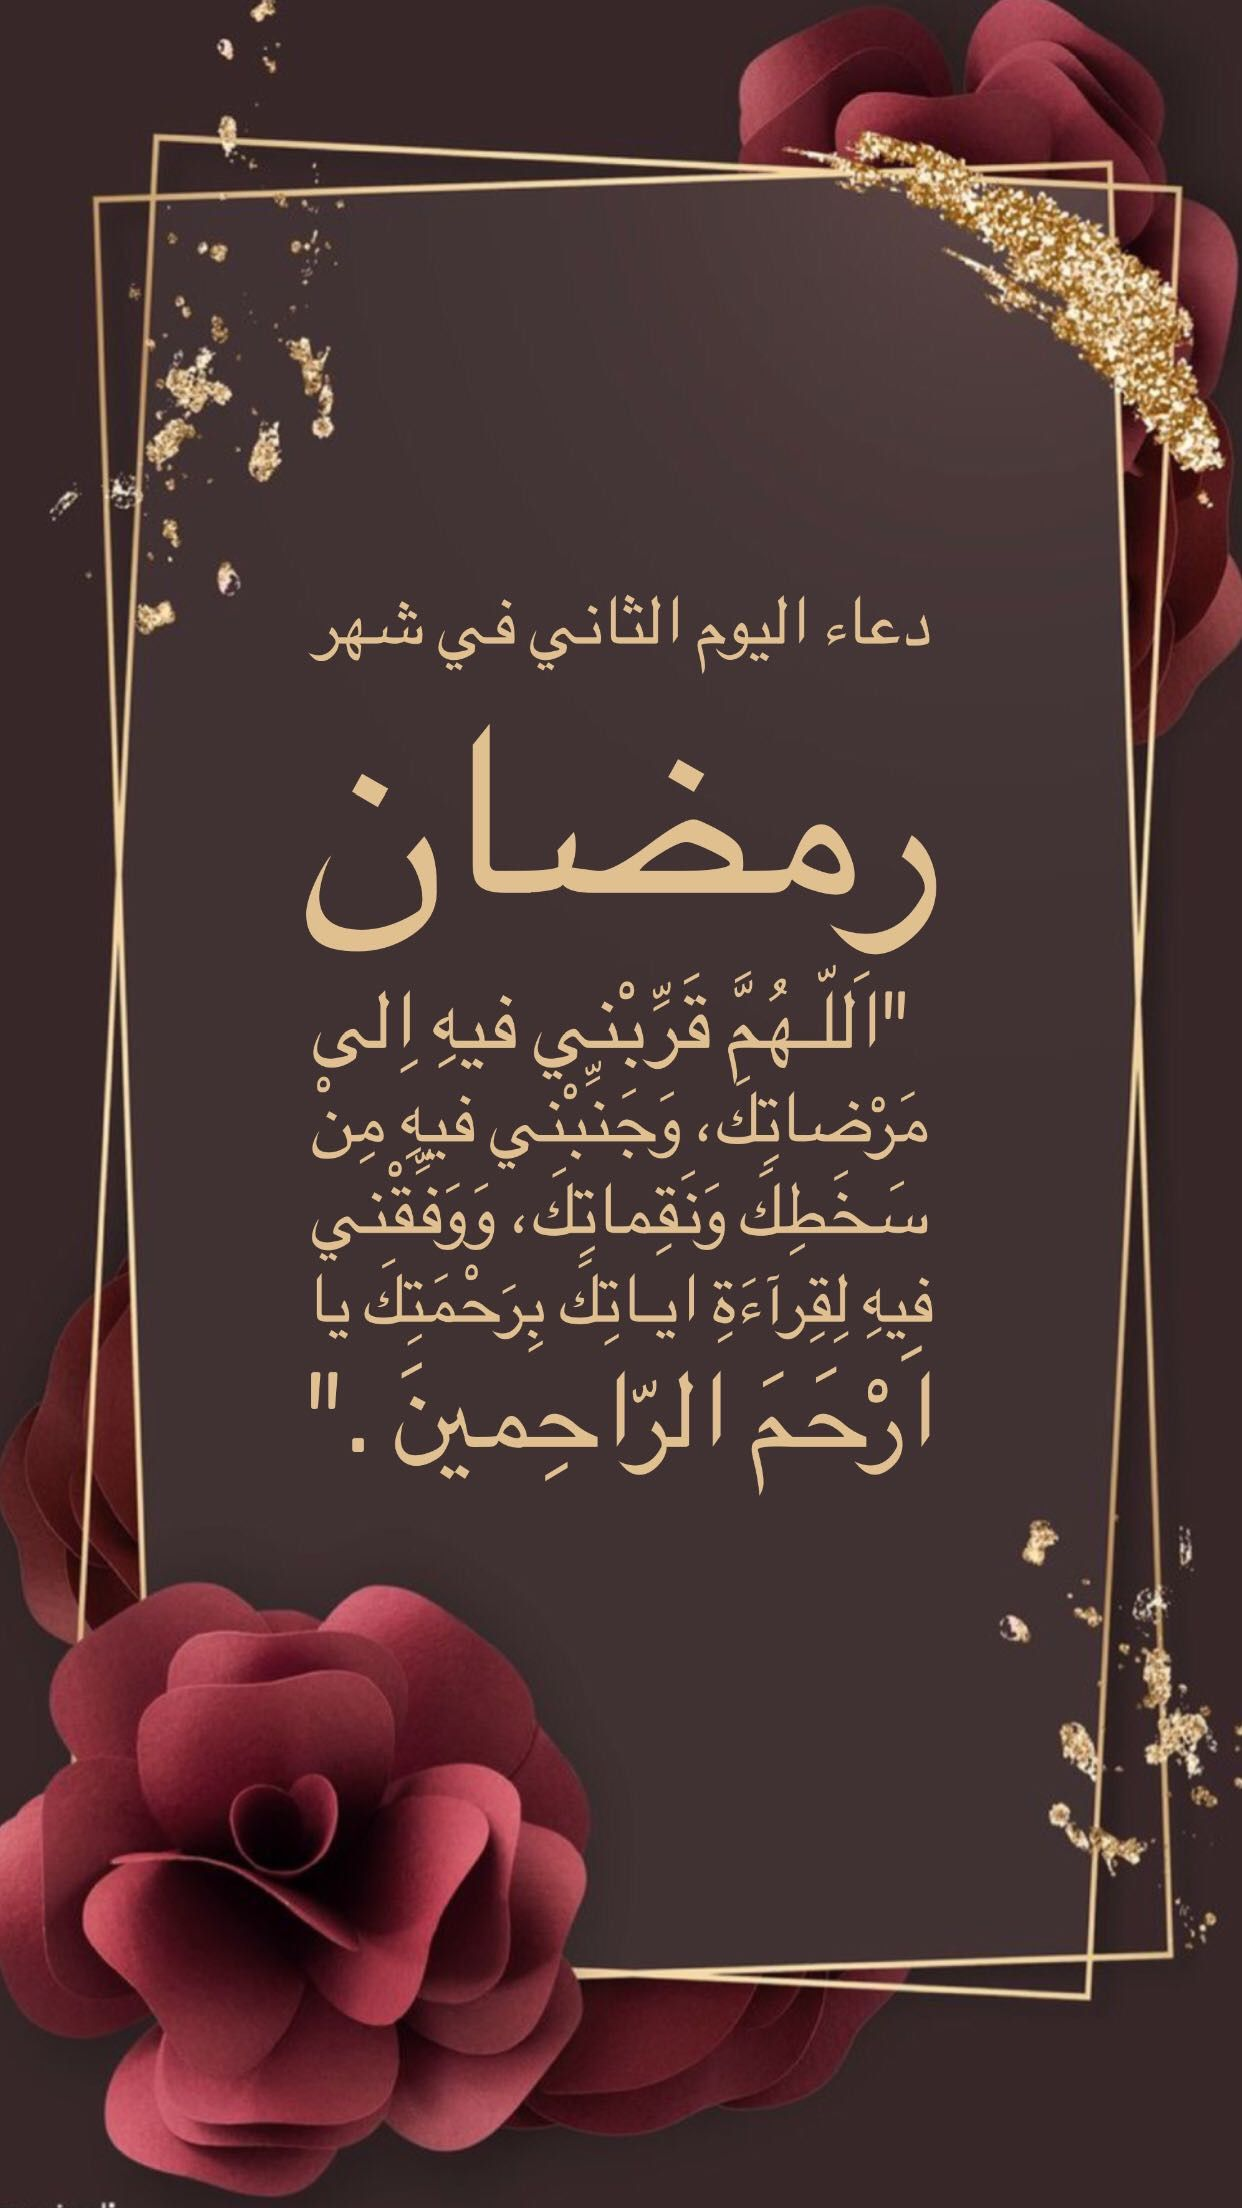 دعاء اليوم الثاني من شهر رمضان In 2021 Ramadan Messages Ramadan Crafts Ramadan Kareem Decoration